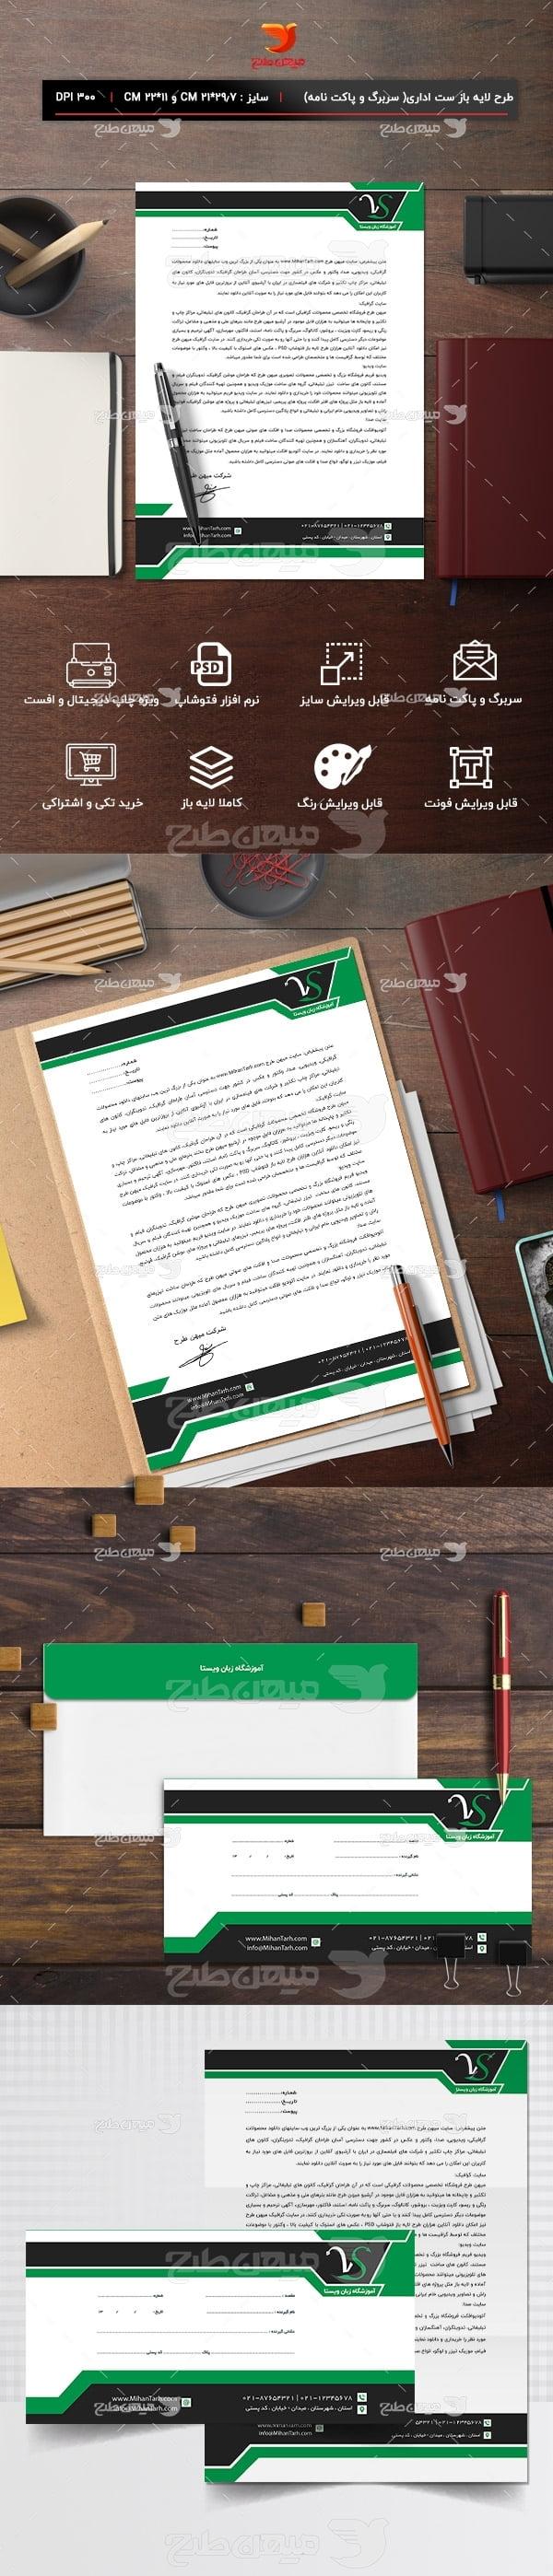 طرح لایه باز ست اداری آژانس آموزشگاه زبان